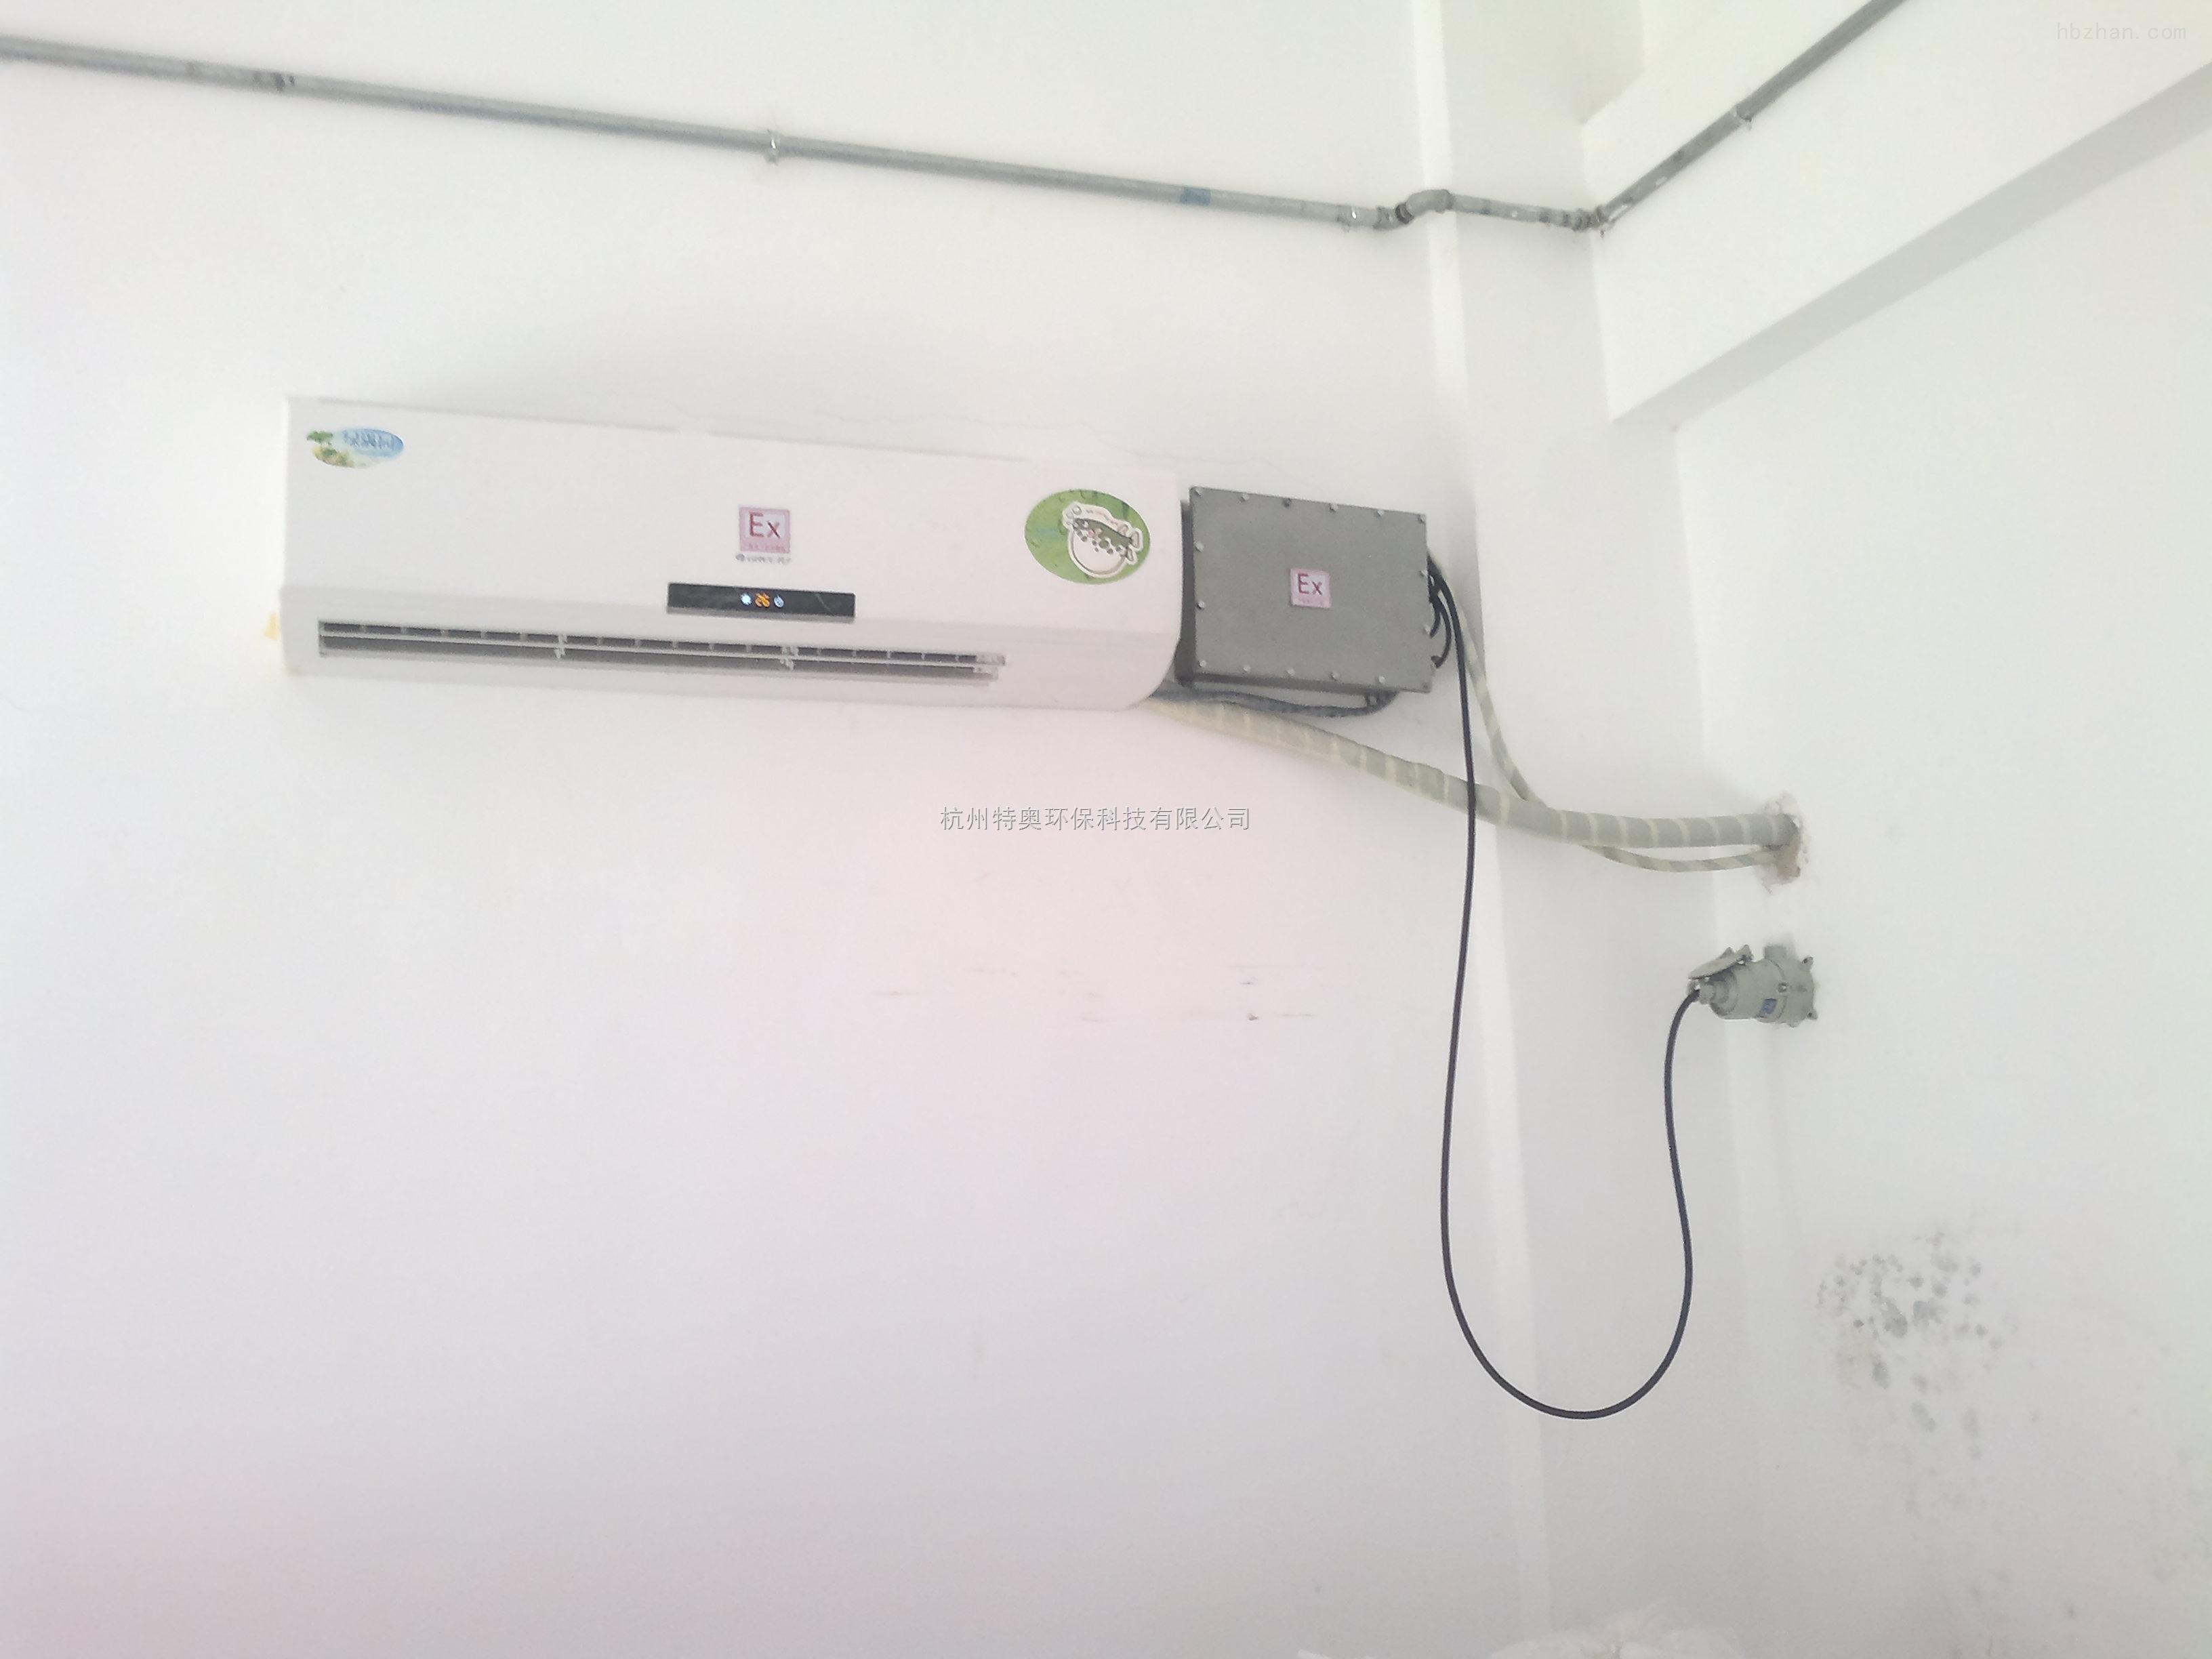 壁挂式防爆空调 1.5P防爆空调